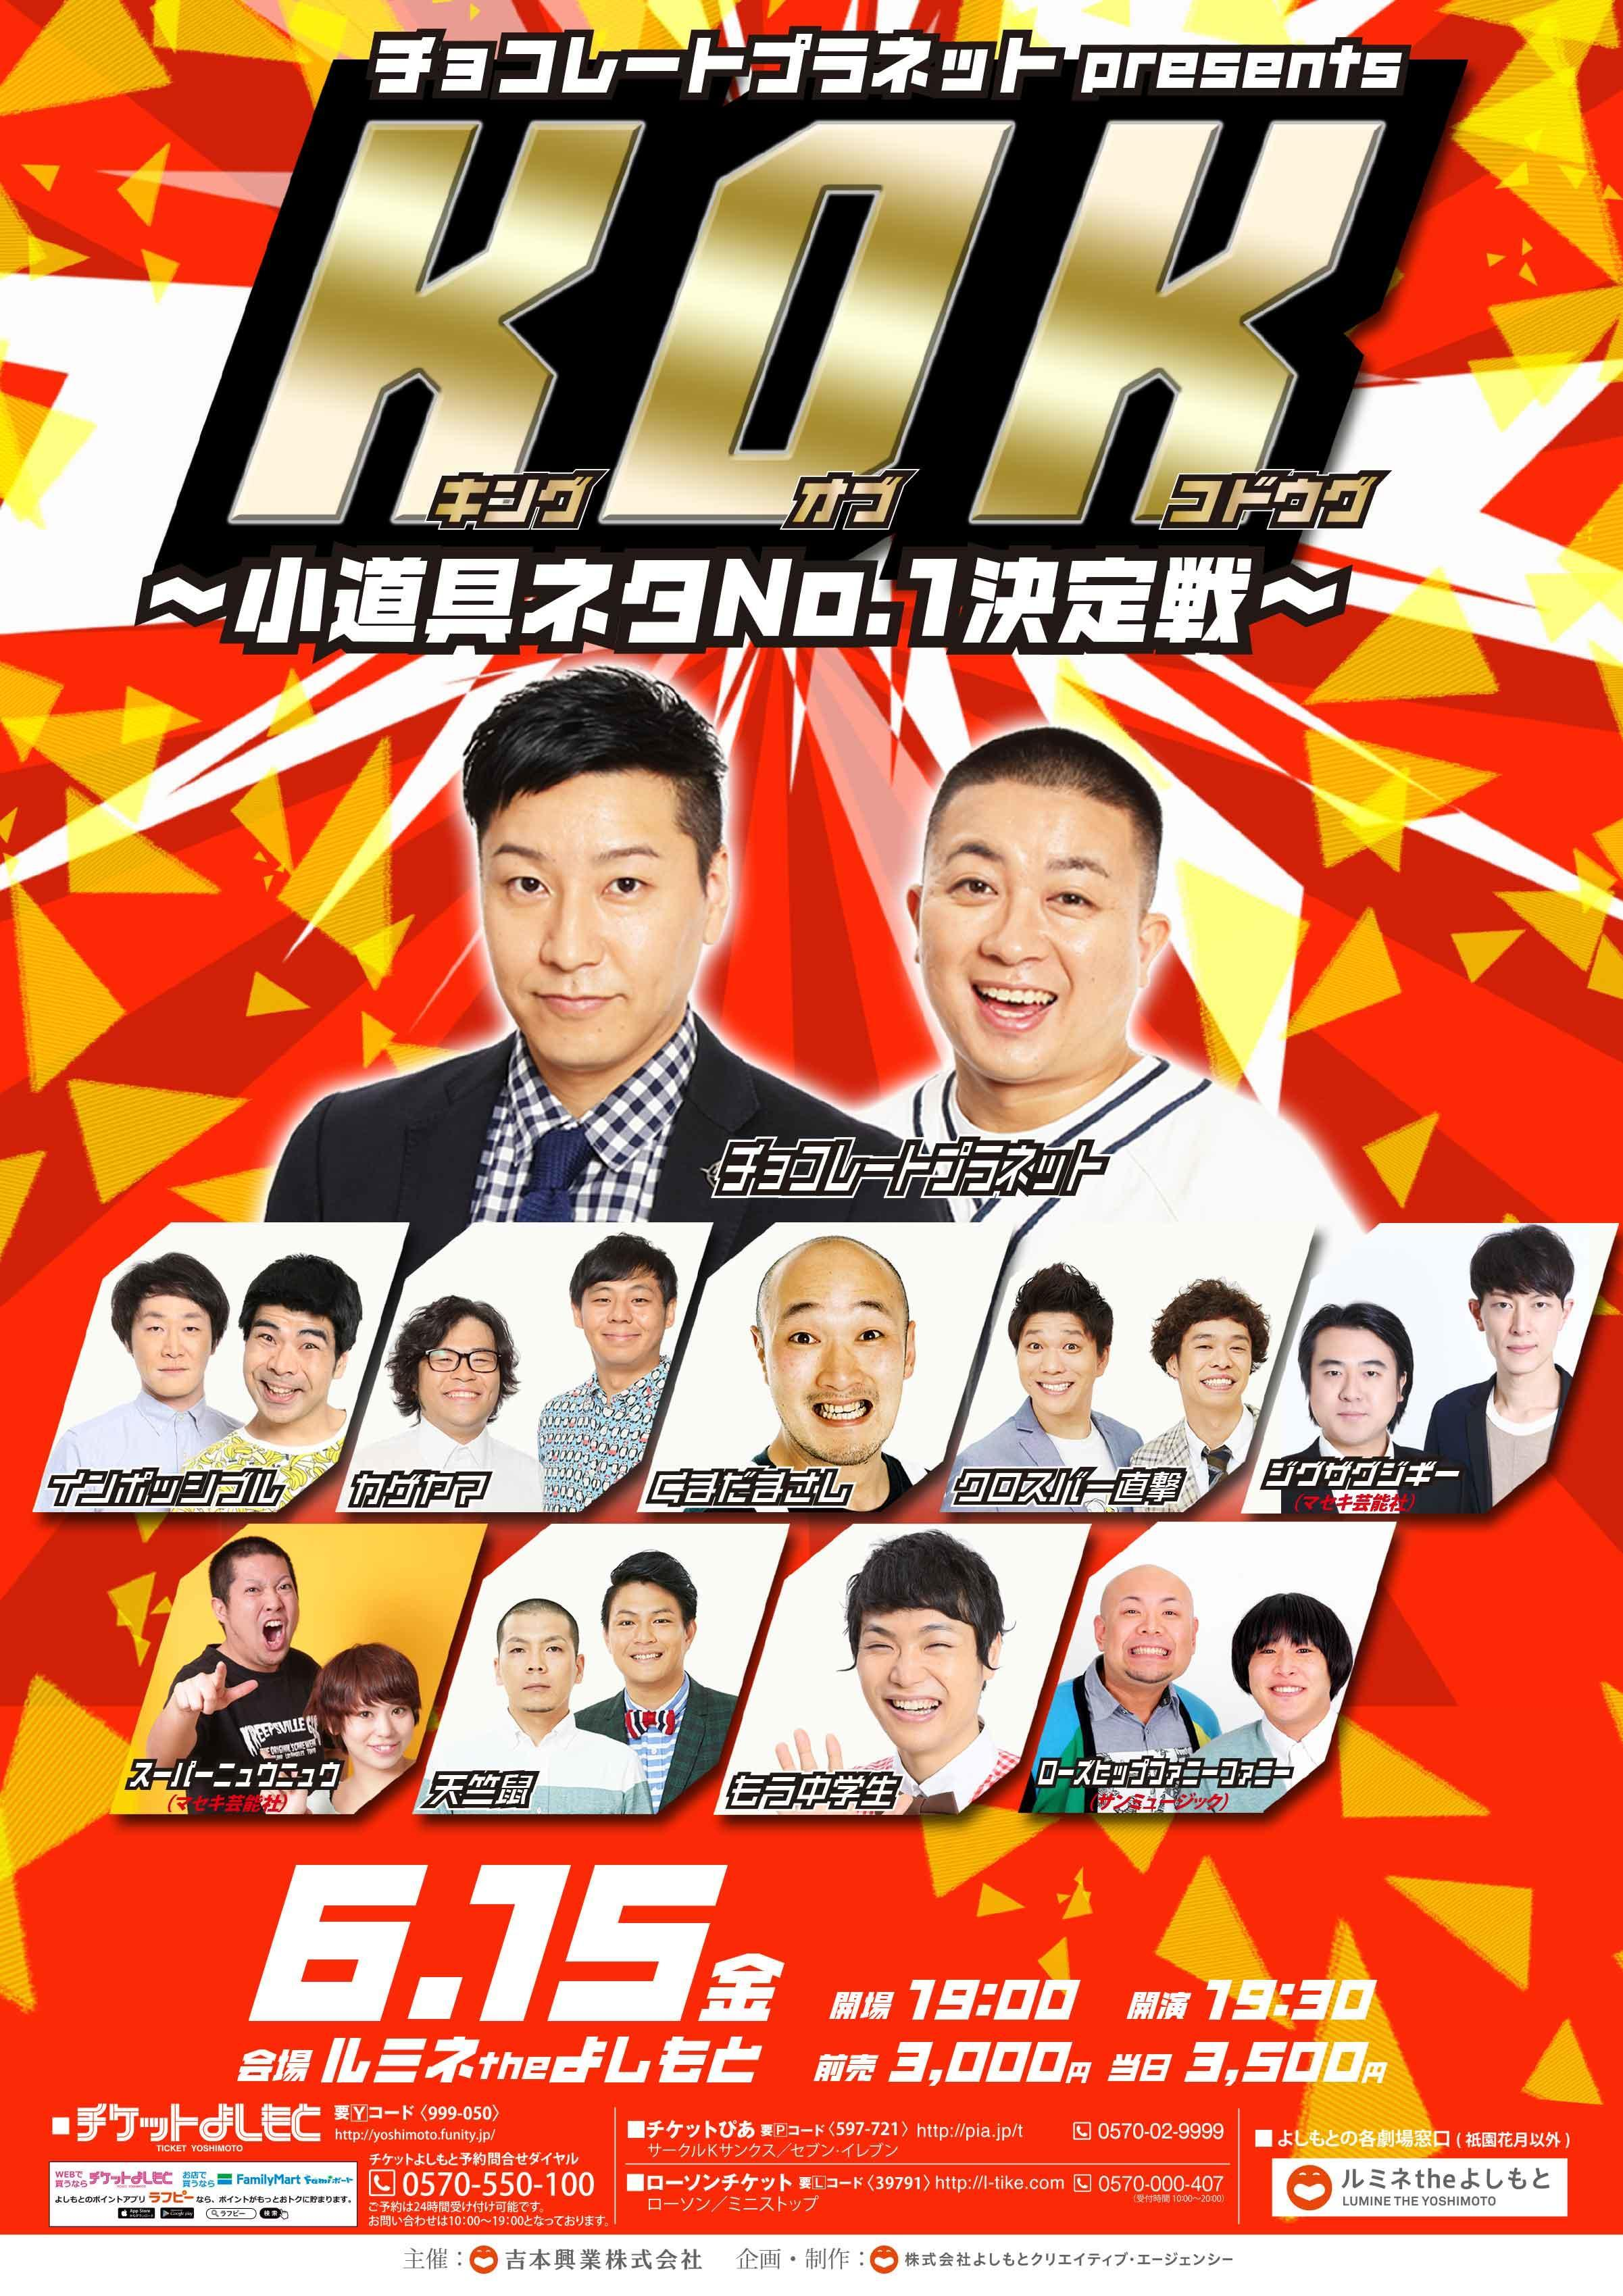 http://news.yoshimoto.co.jp/20180524184753-9894cc63a9d57554afcd8a7246c11c34c779b848.jpg